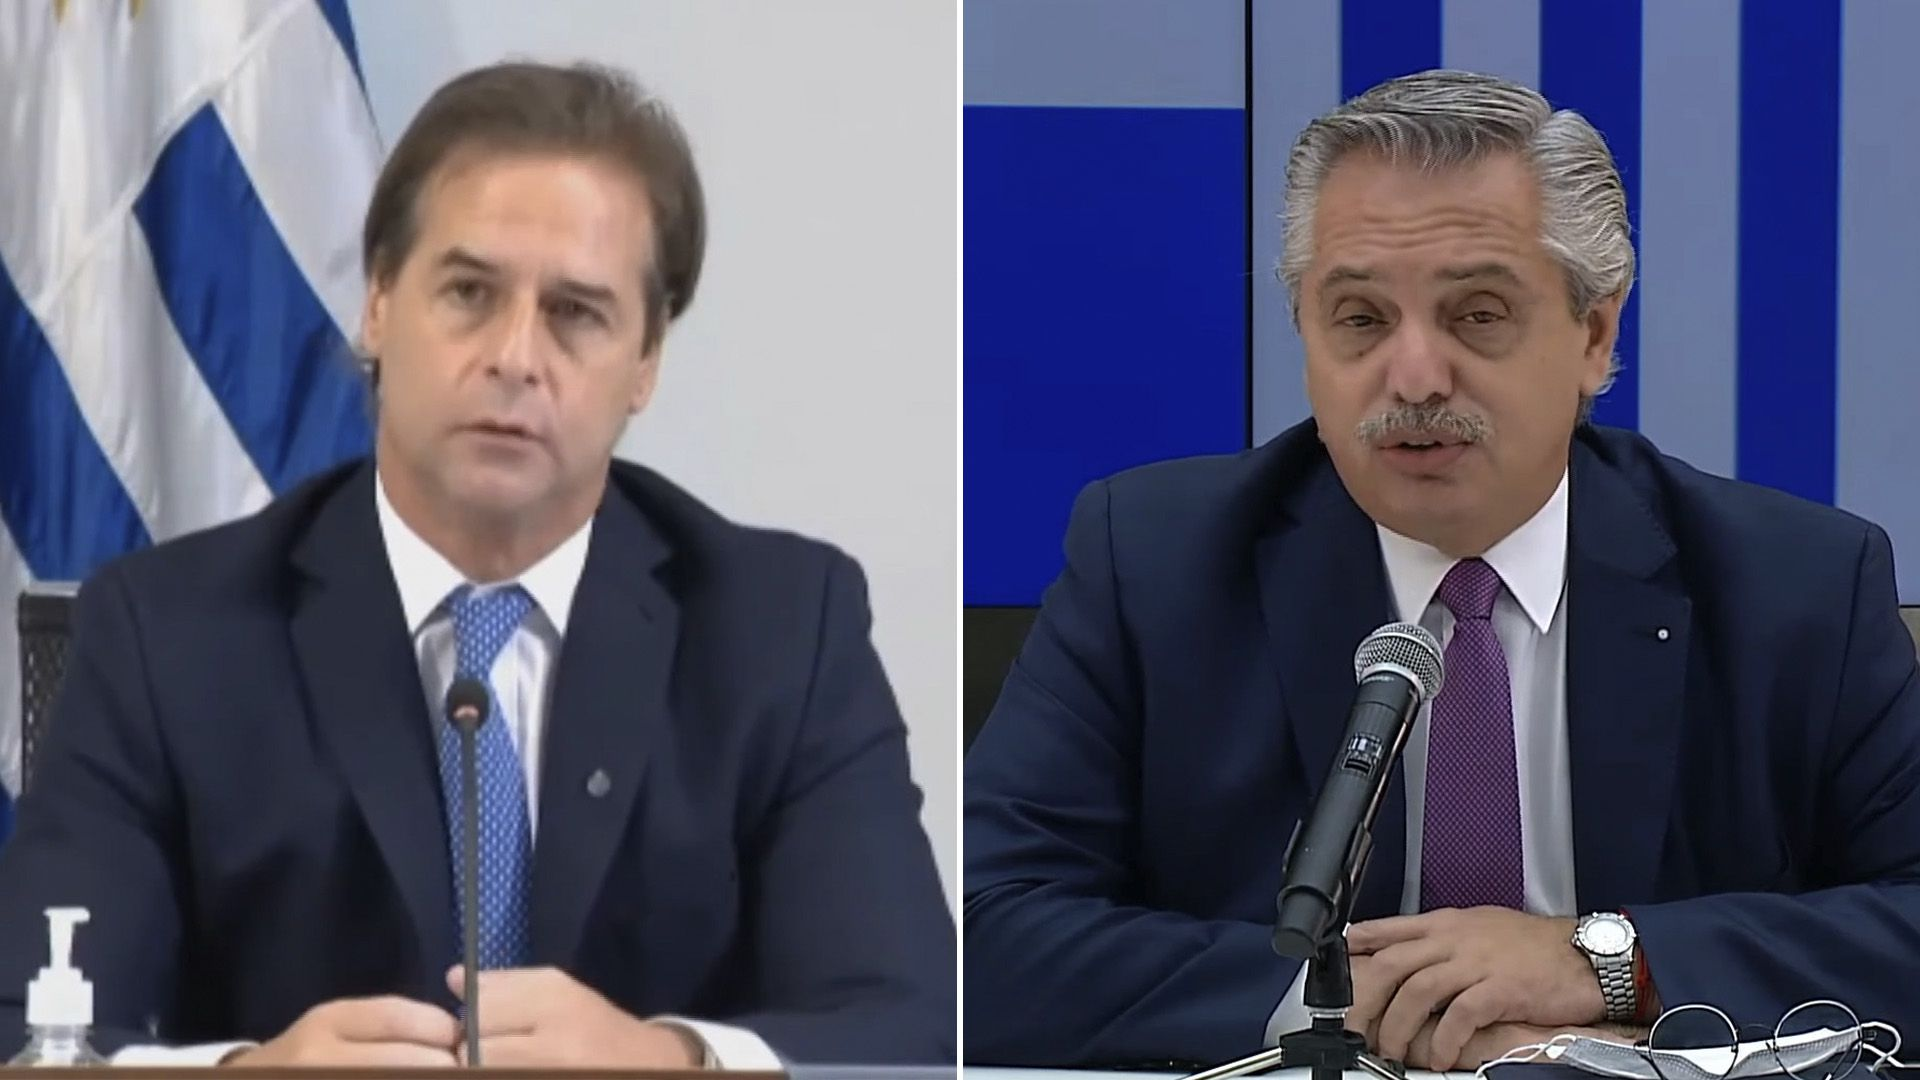 Duro cruce entre Alberto Fernández y Lacalle Pou por el futuro del Mercosur